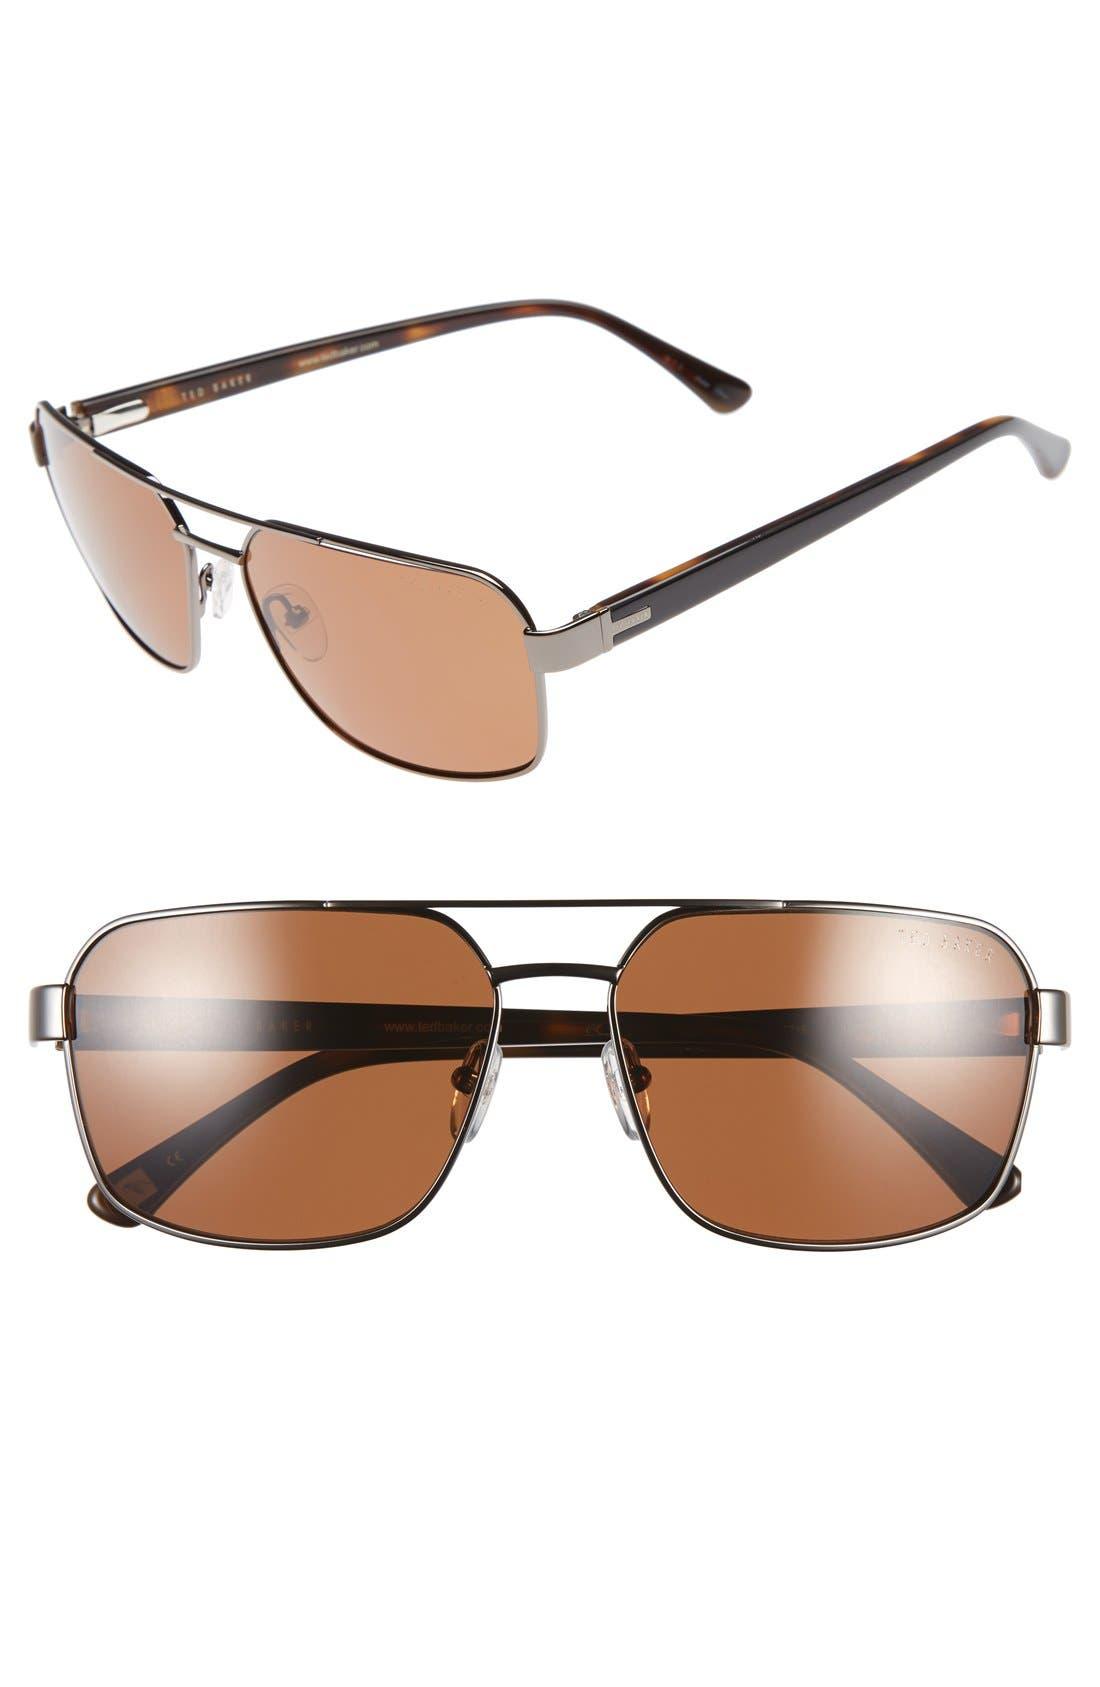 59mm Polarized Navigator Sunglasses,                             Main thumbnail 1, color,                             241